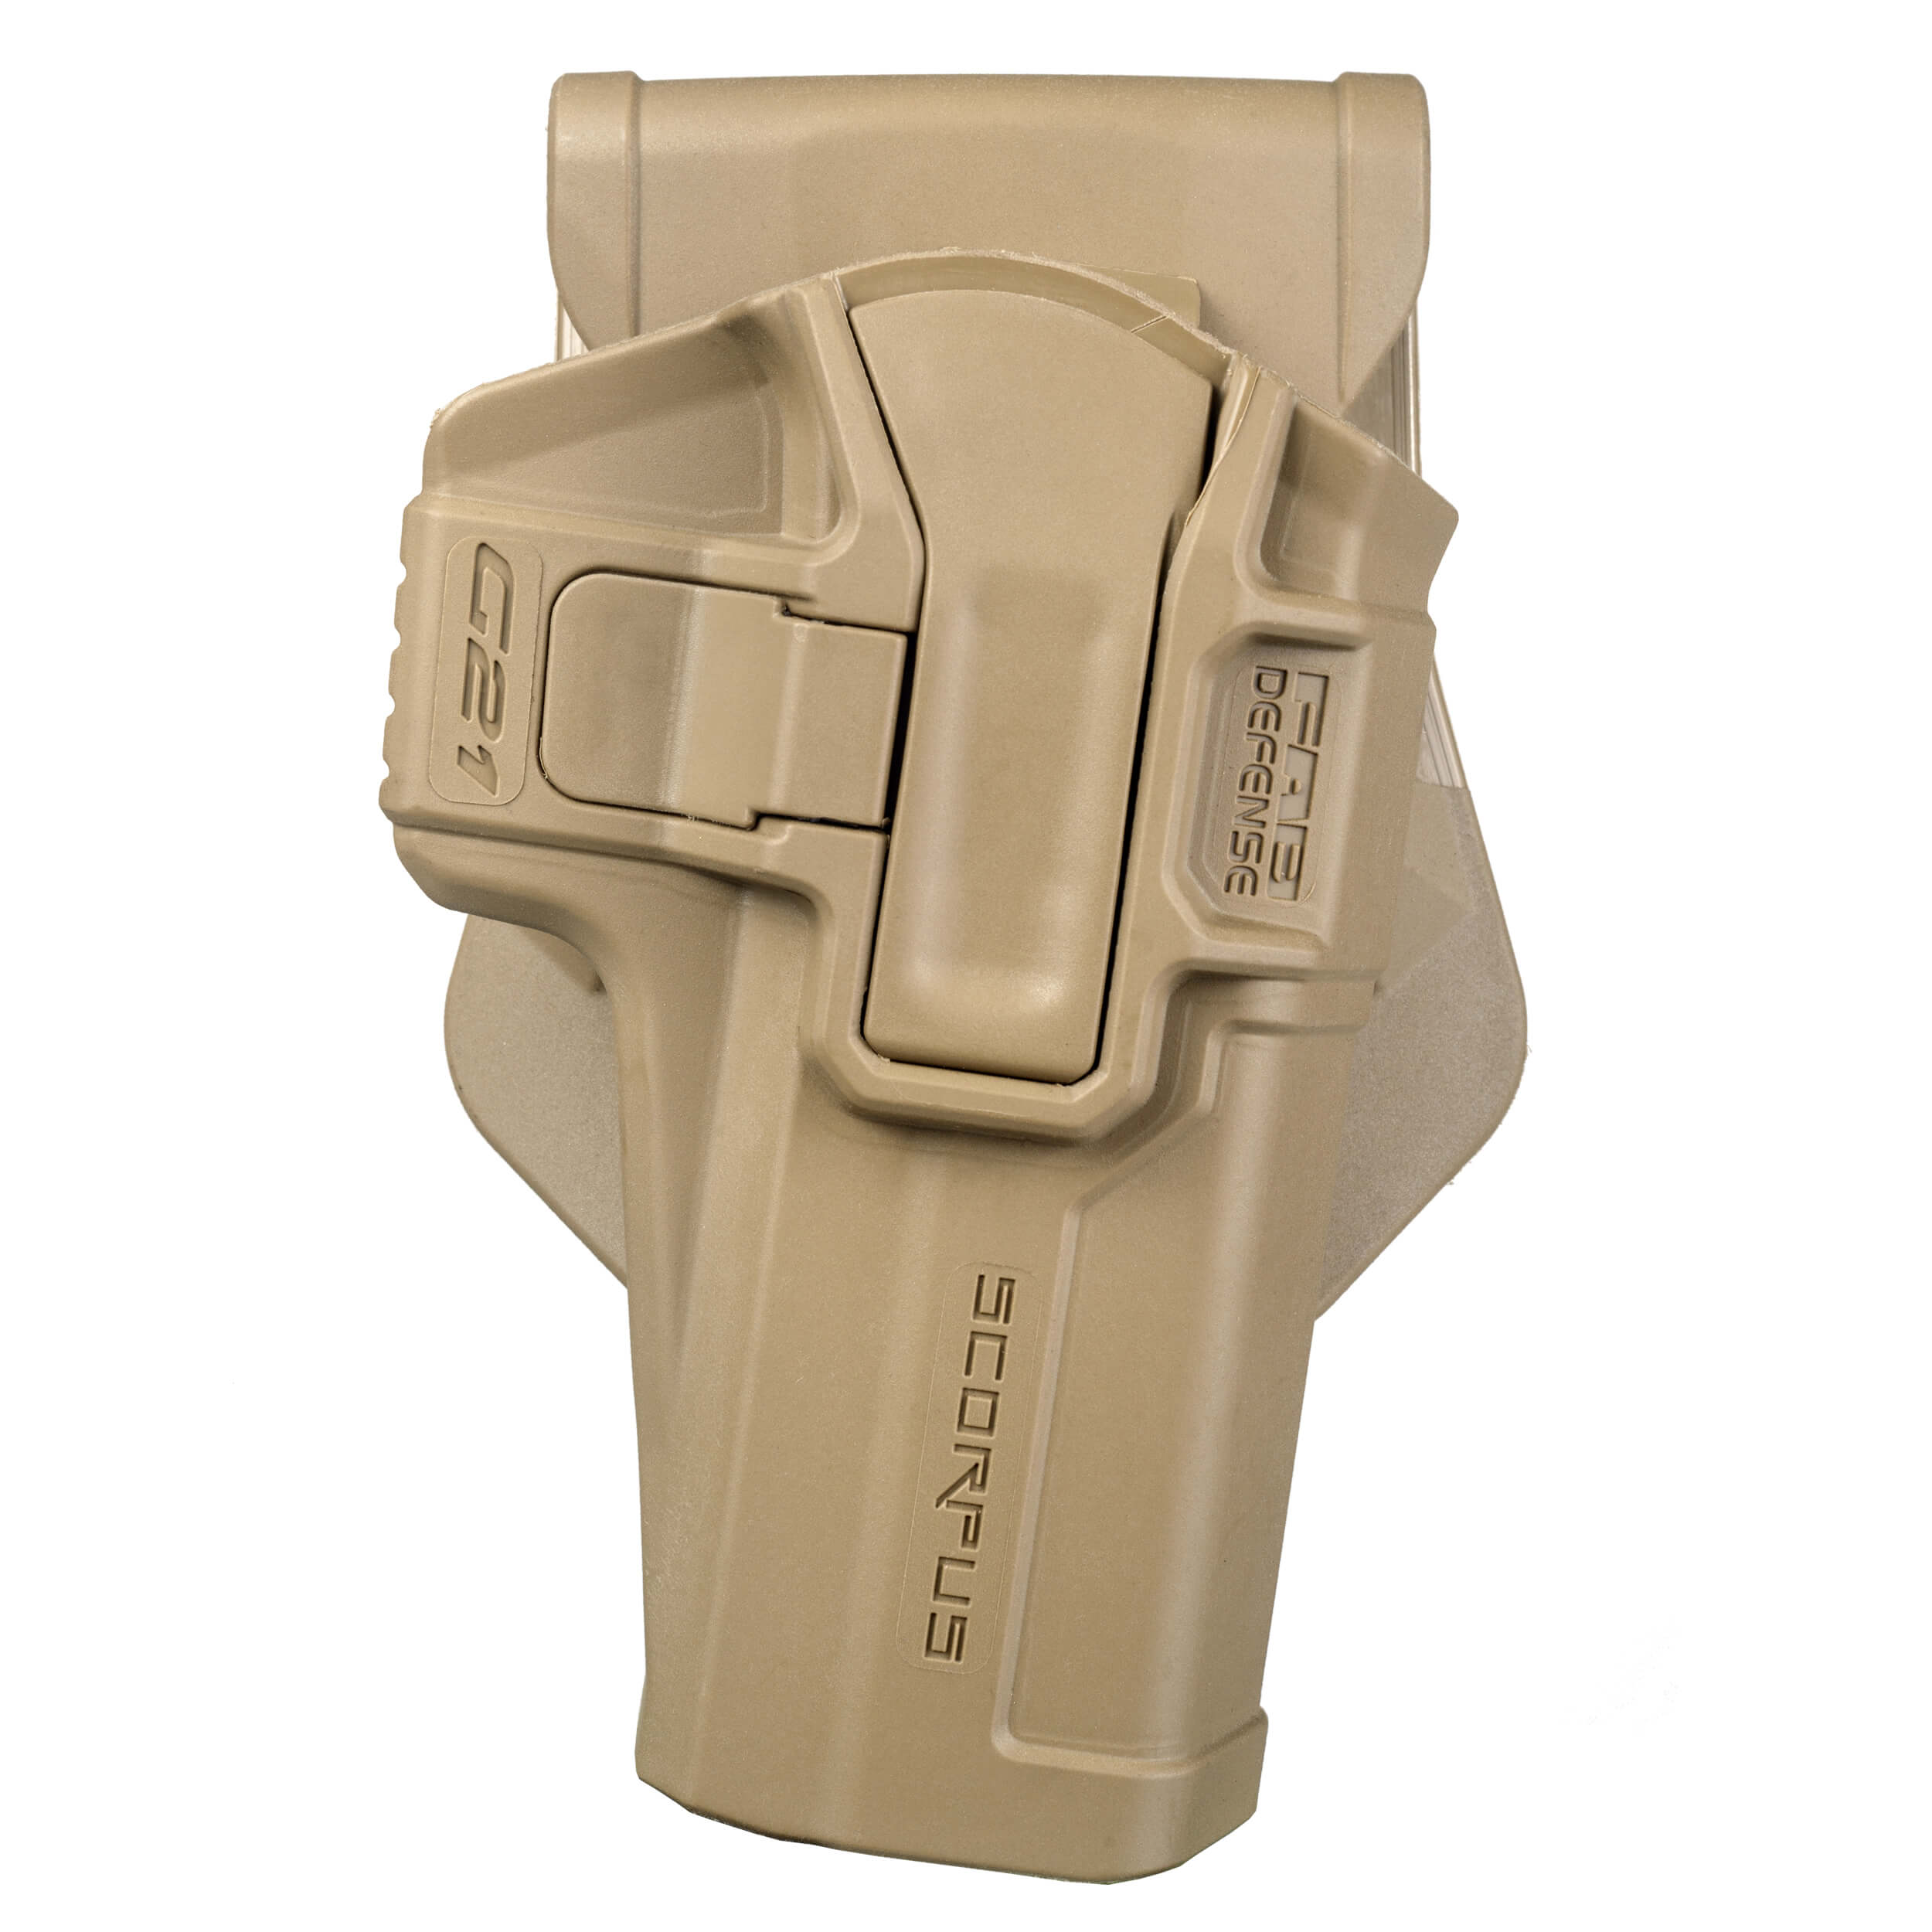 Glock .45 Level 1 Holster